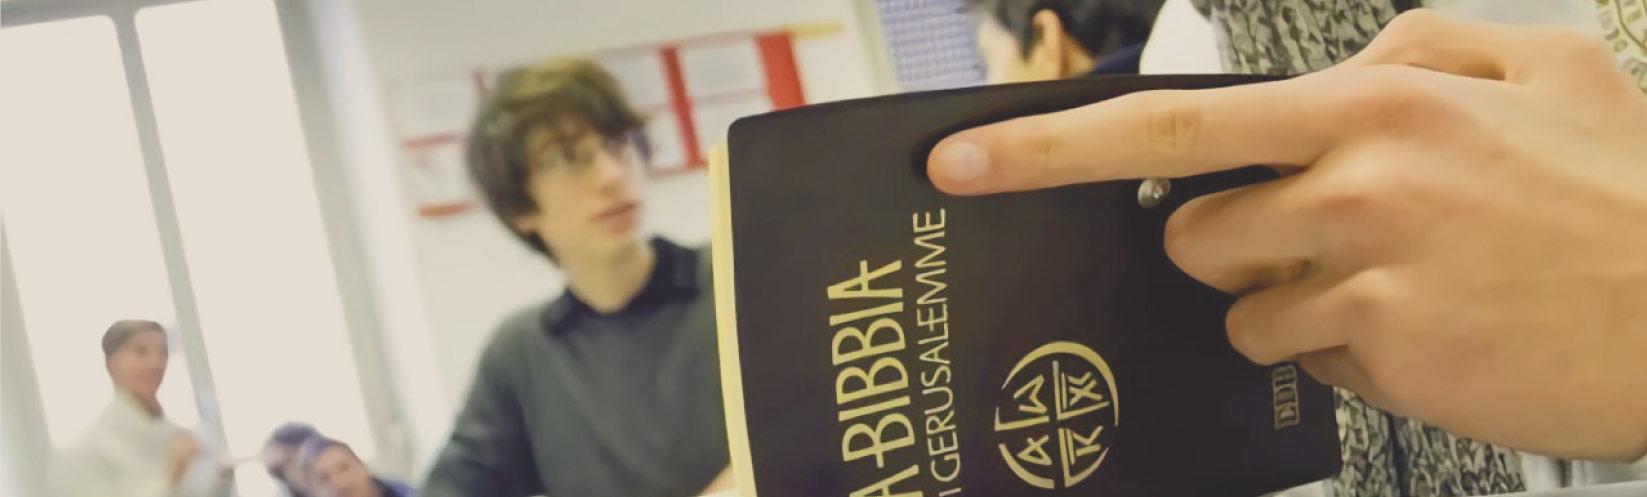 """Diocesi: Benevento, lunedì inaugurazione della mostra """"La Bibbia: Parola di Dio e scrittura dell'uomo"""""""